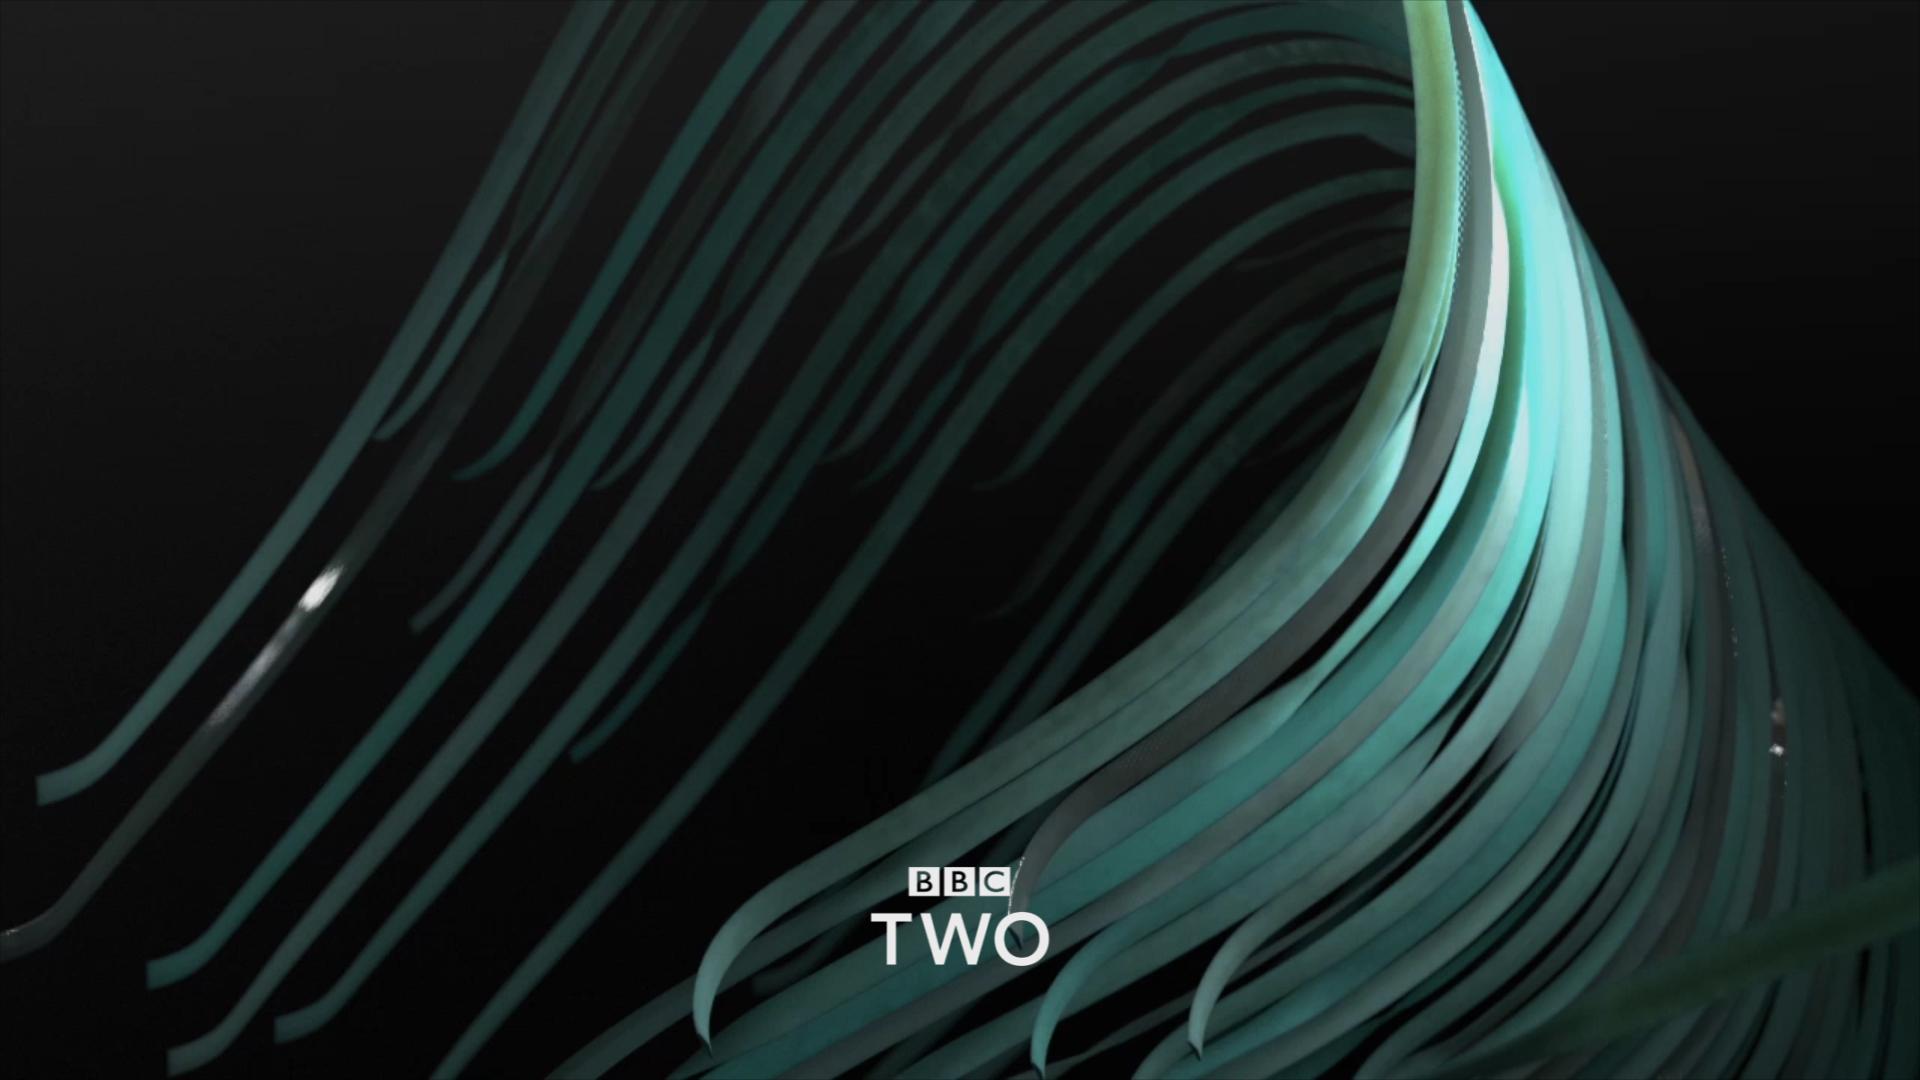 BBC2_RnD_00010.jpg